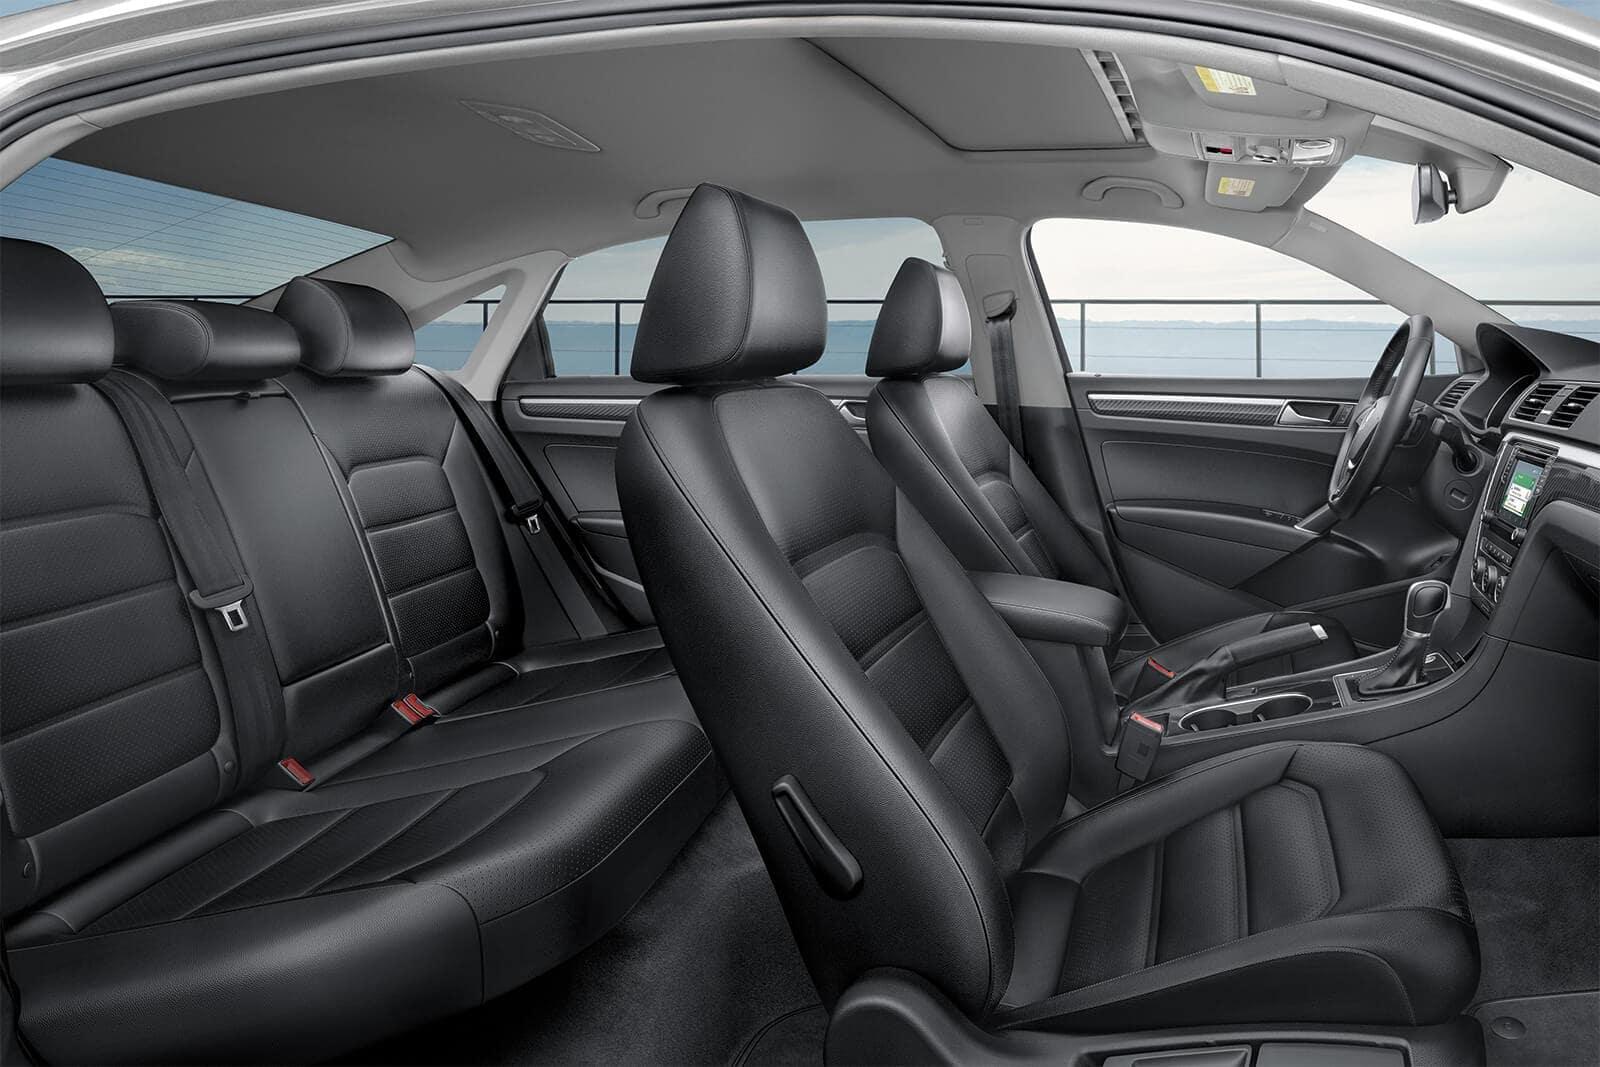 2019 Volkswagen Passat interior in black leather